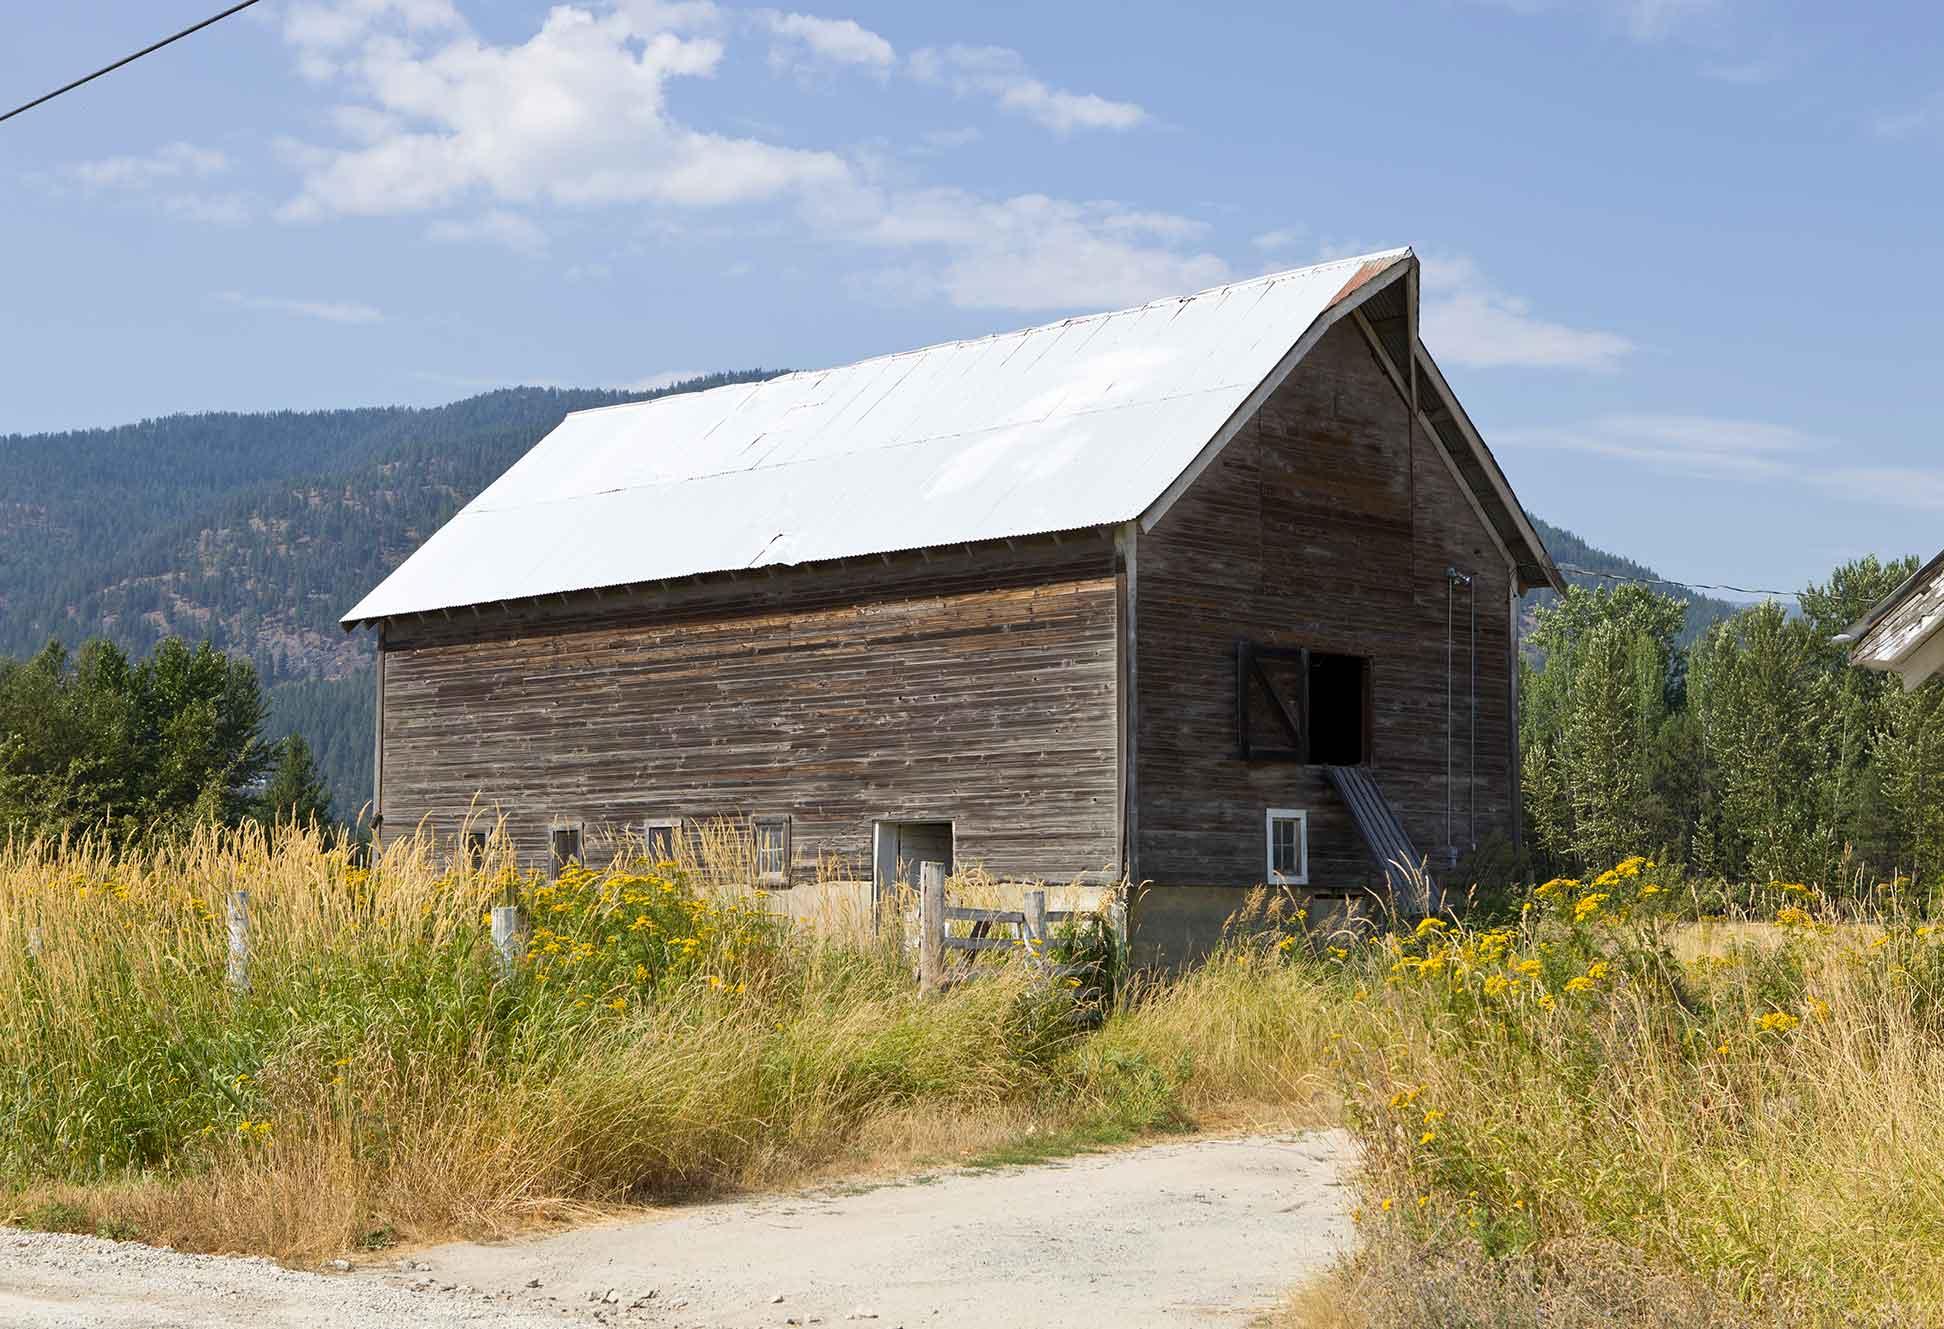 The Tilted Barn - Elsasser Barn